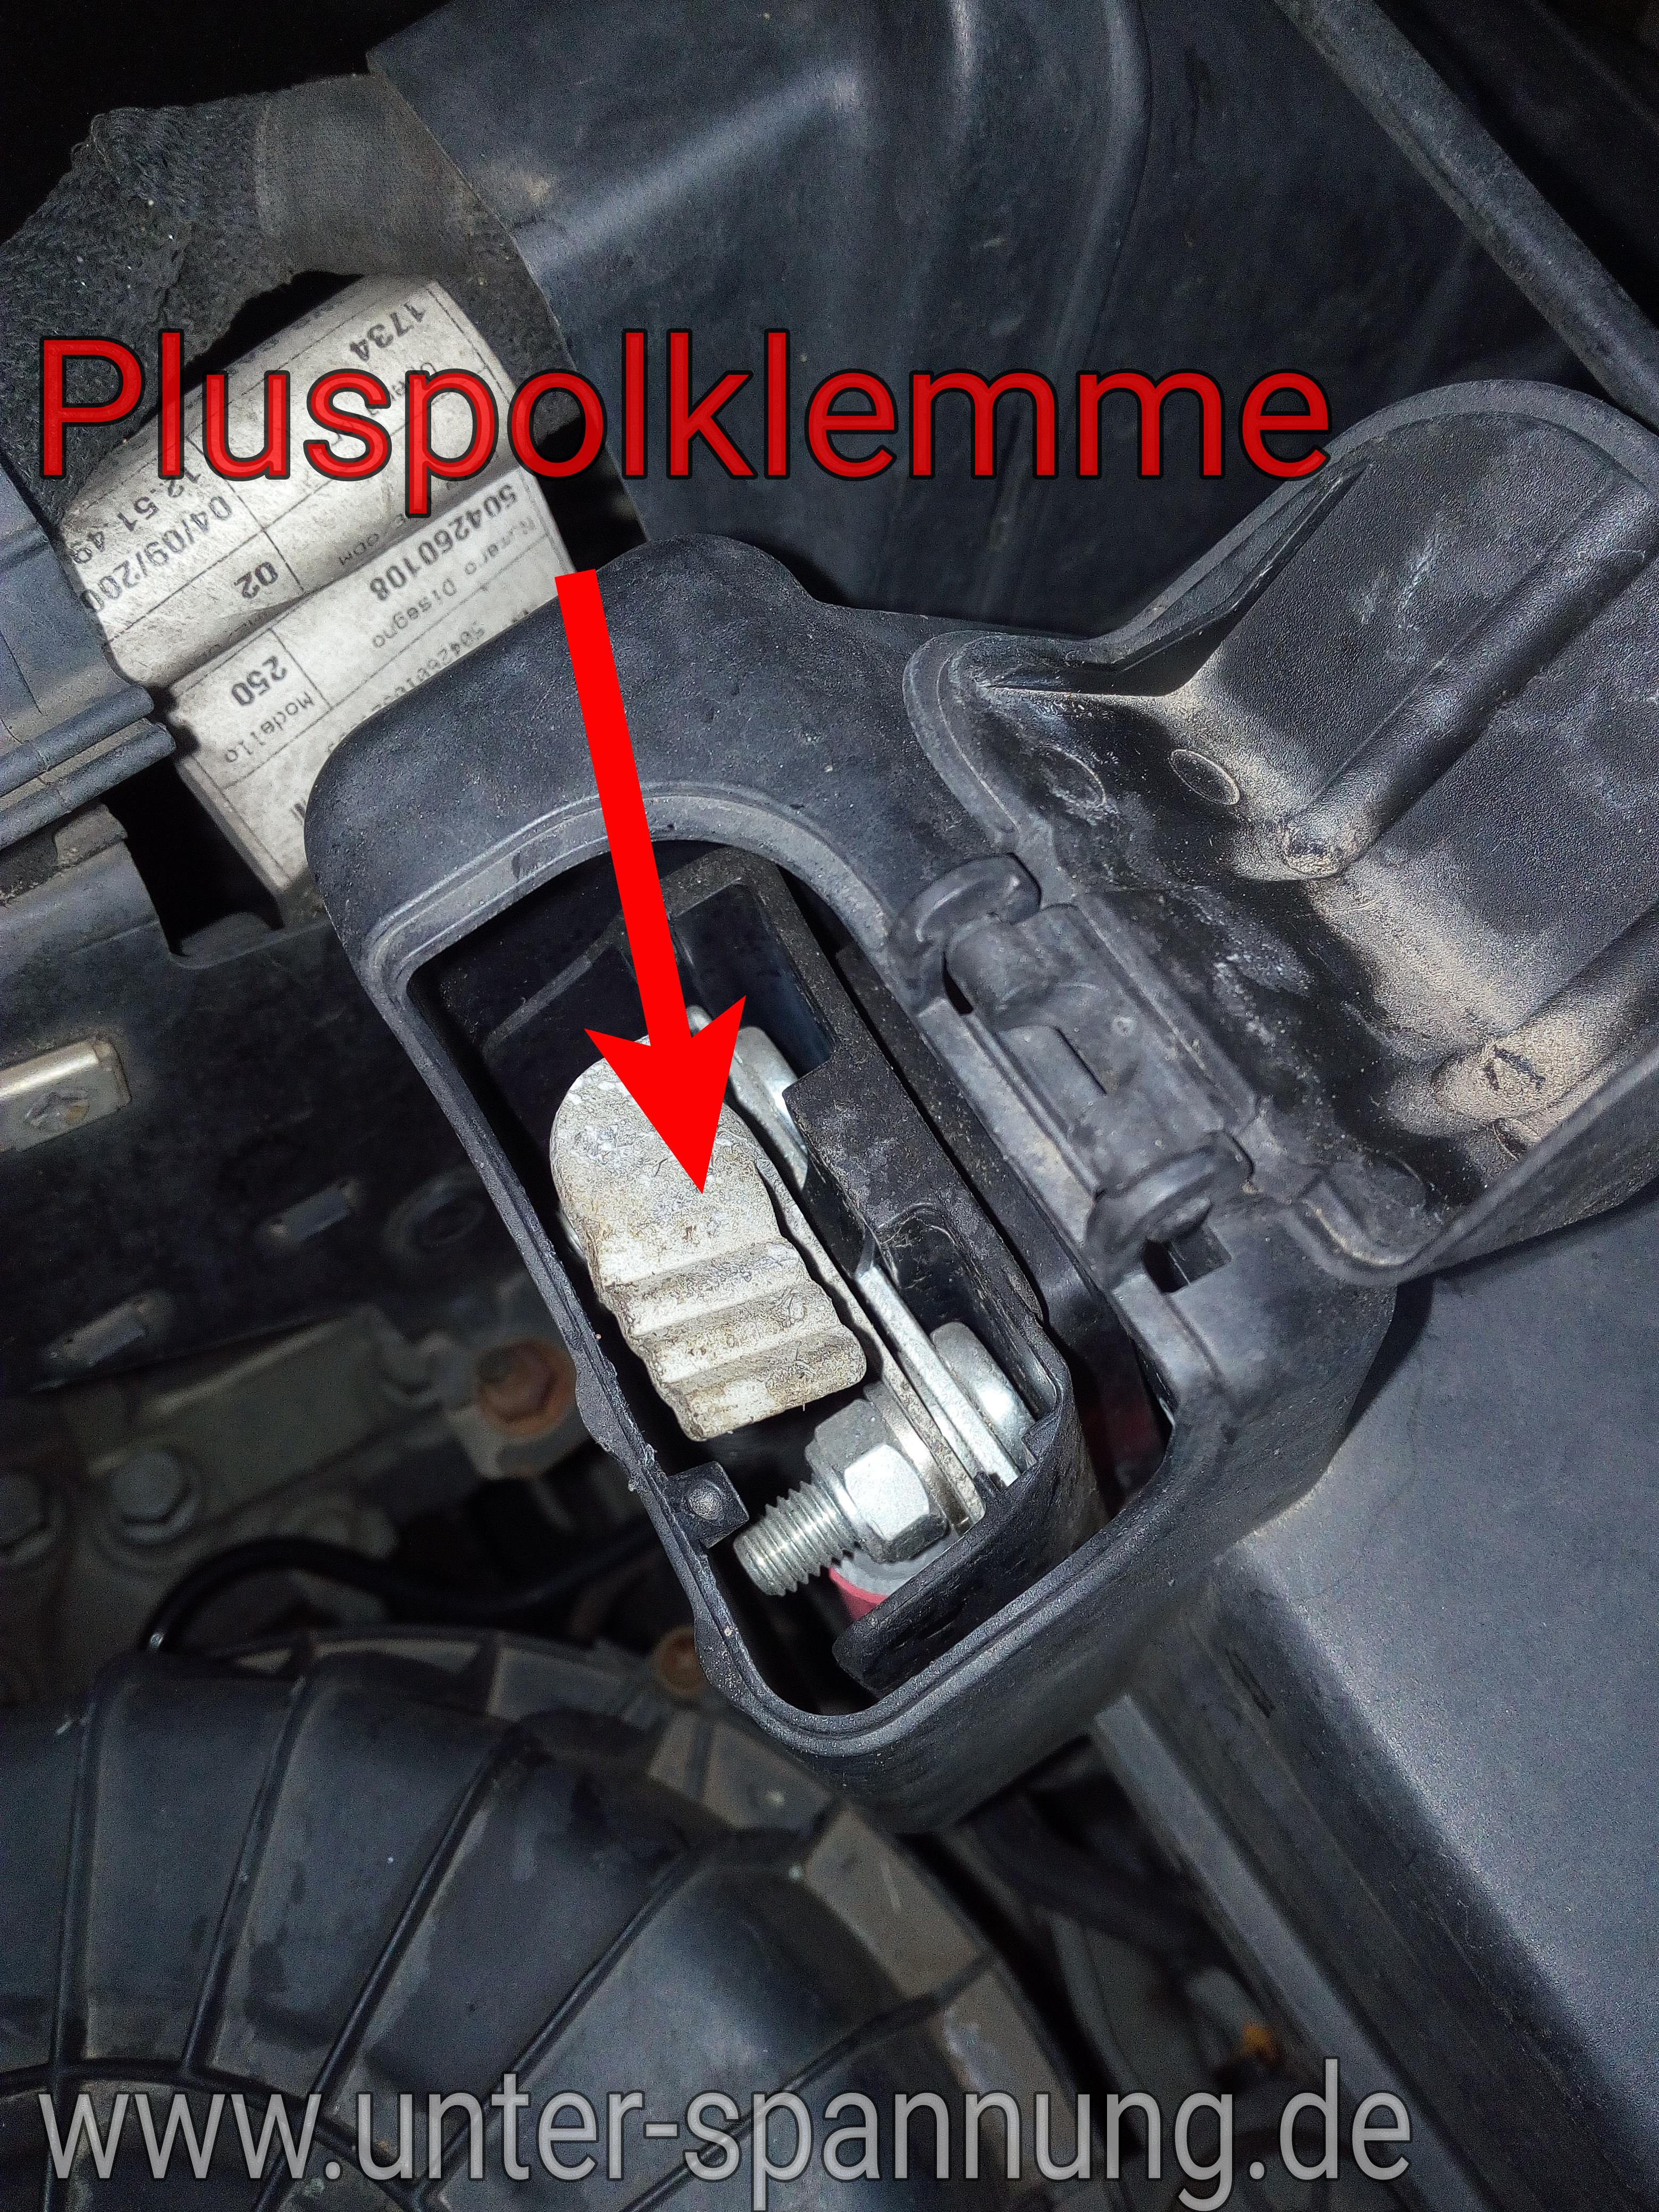 unter-spannung.de, Batterie, Kfz, Autobatterie, Pluspol, Minuspol, Überbrücken, Fremdstarten, 12Volt, 12 V, Volt,